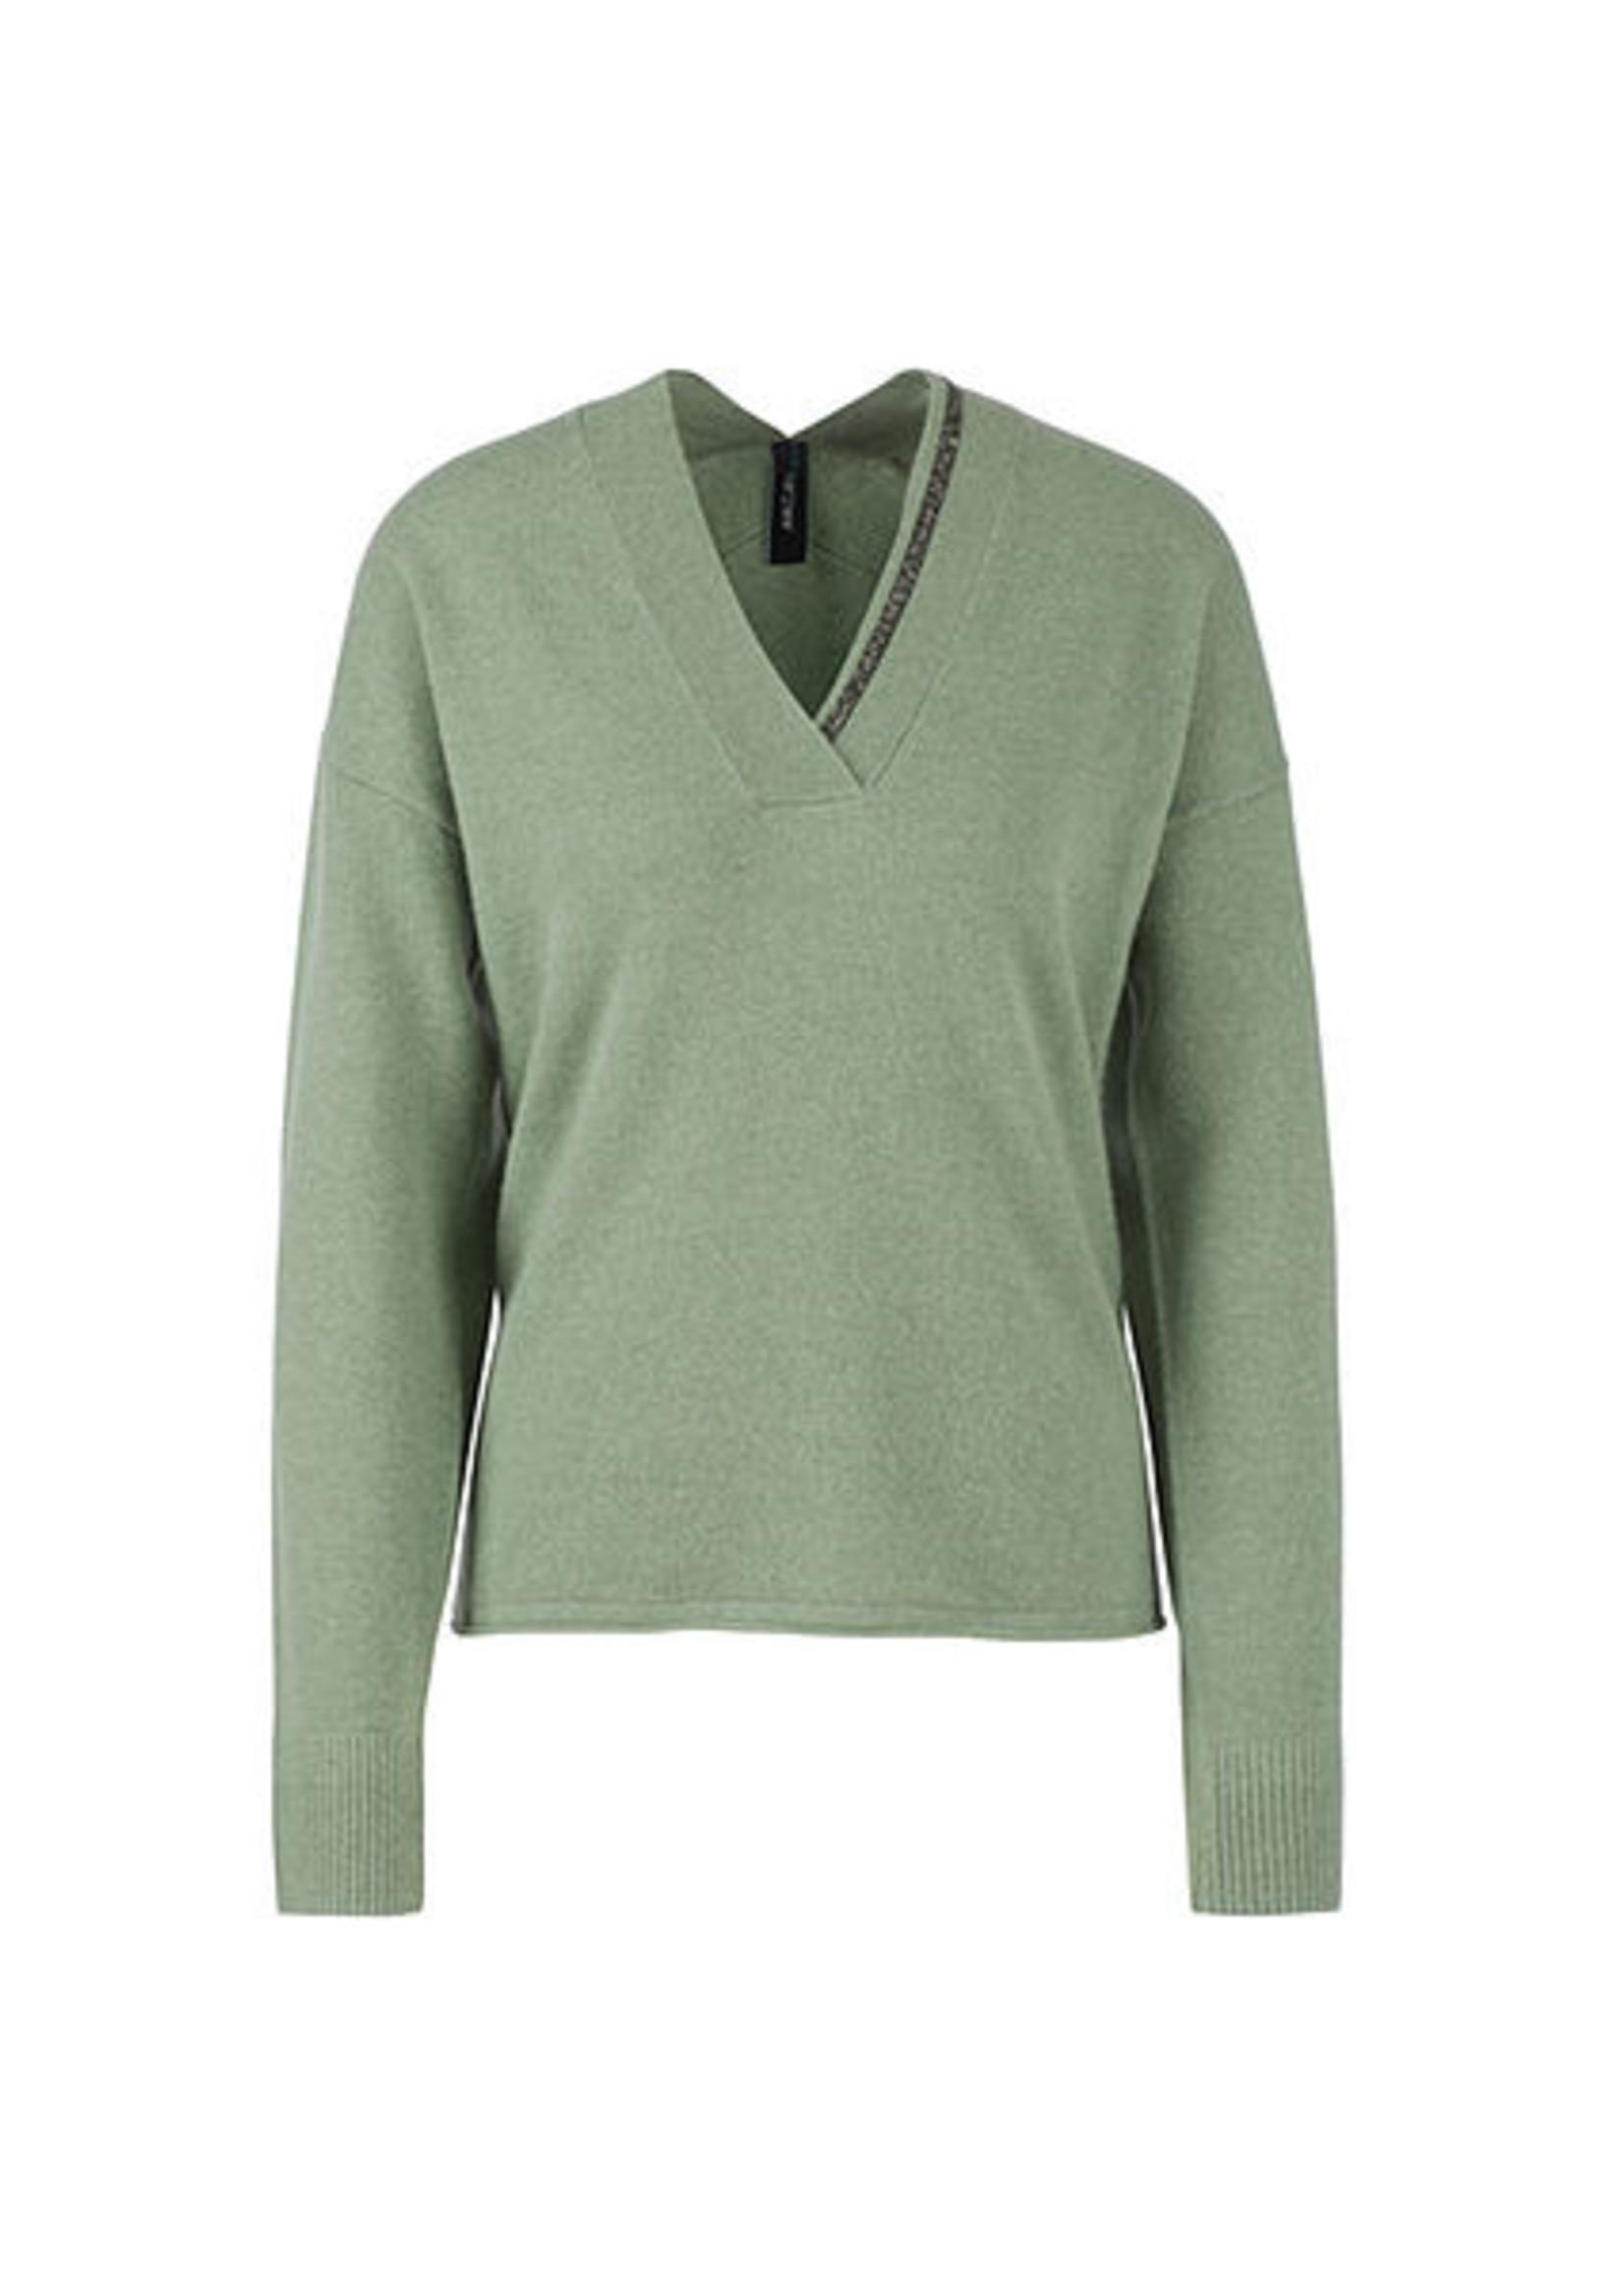 Sweater RA 41.11 M84 frozen sage